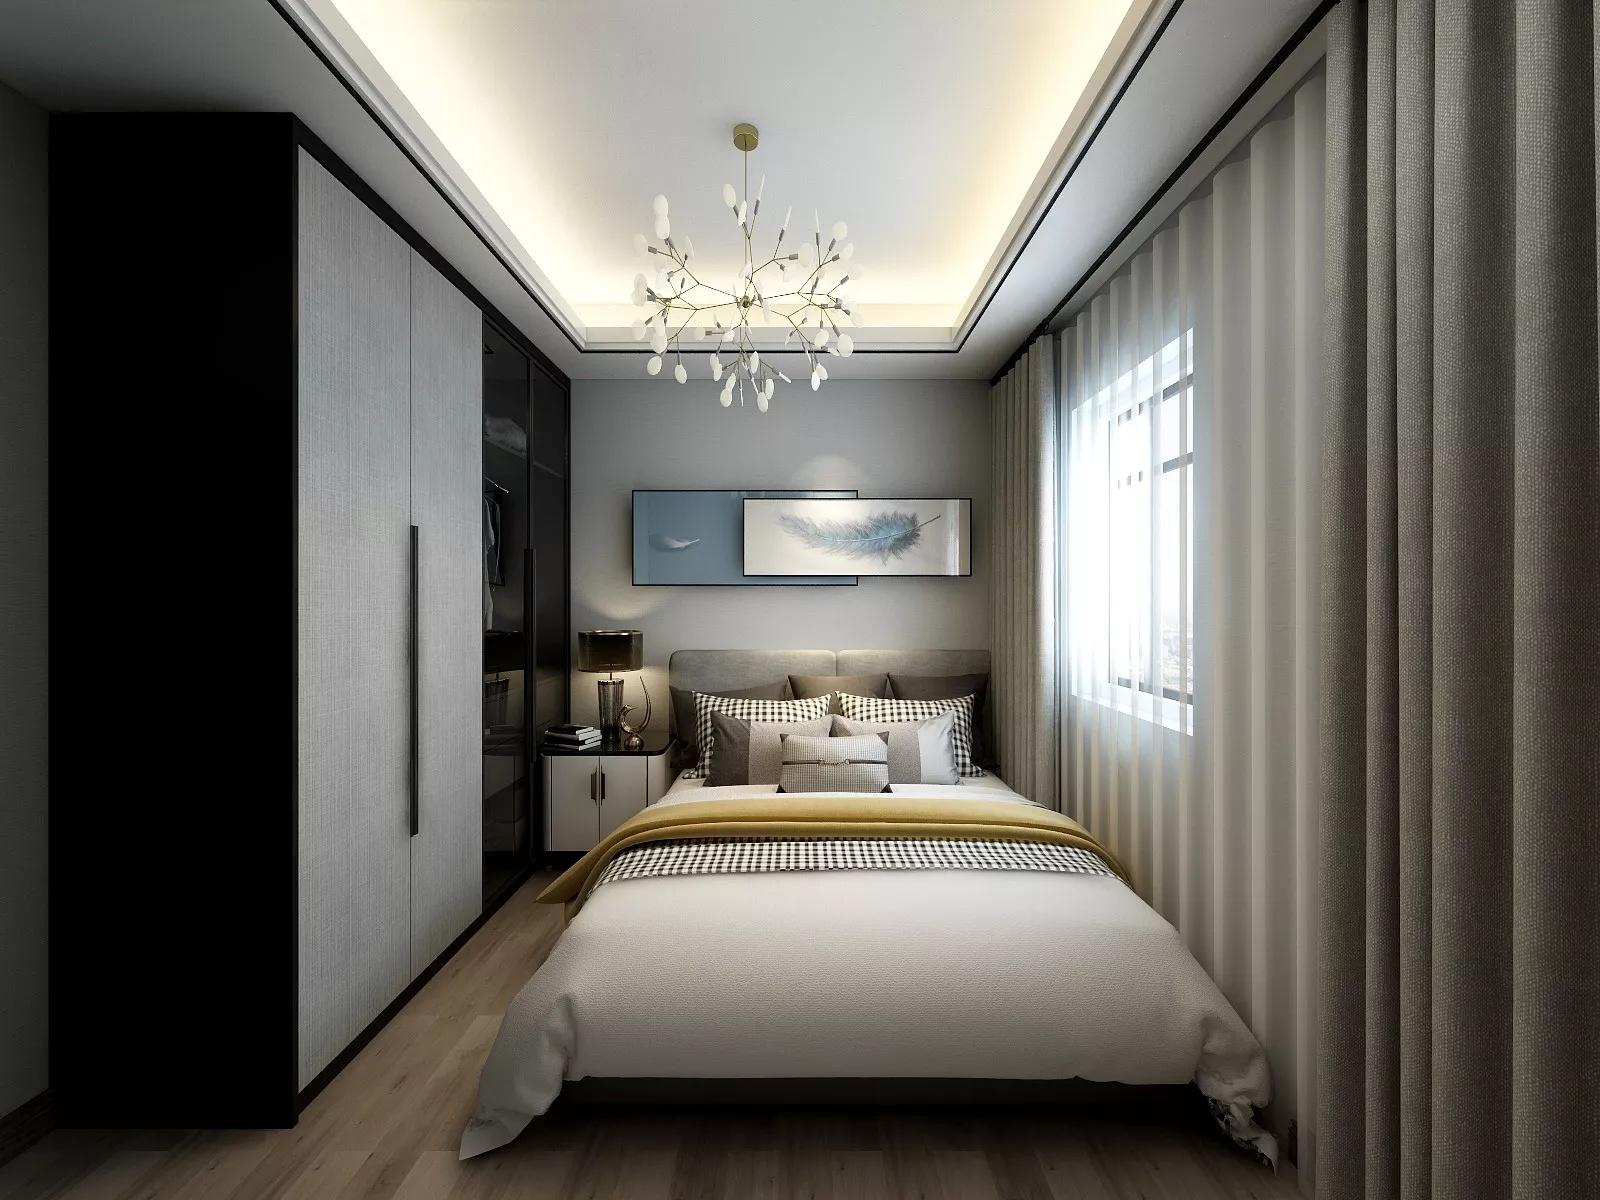 交房时如何验房 新房收房验房攻略